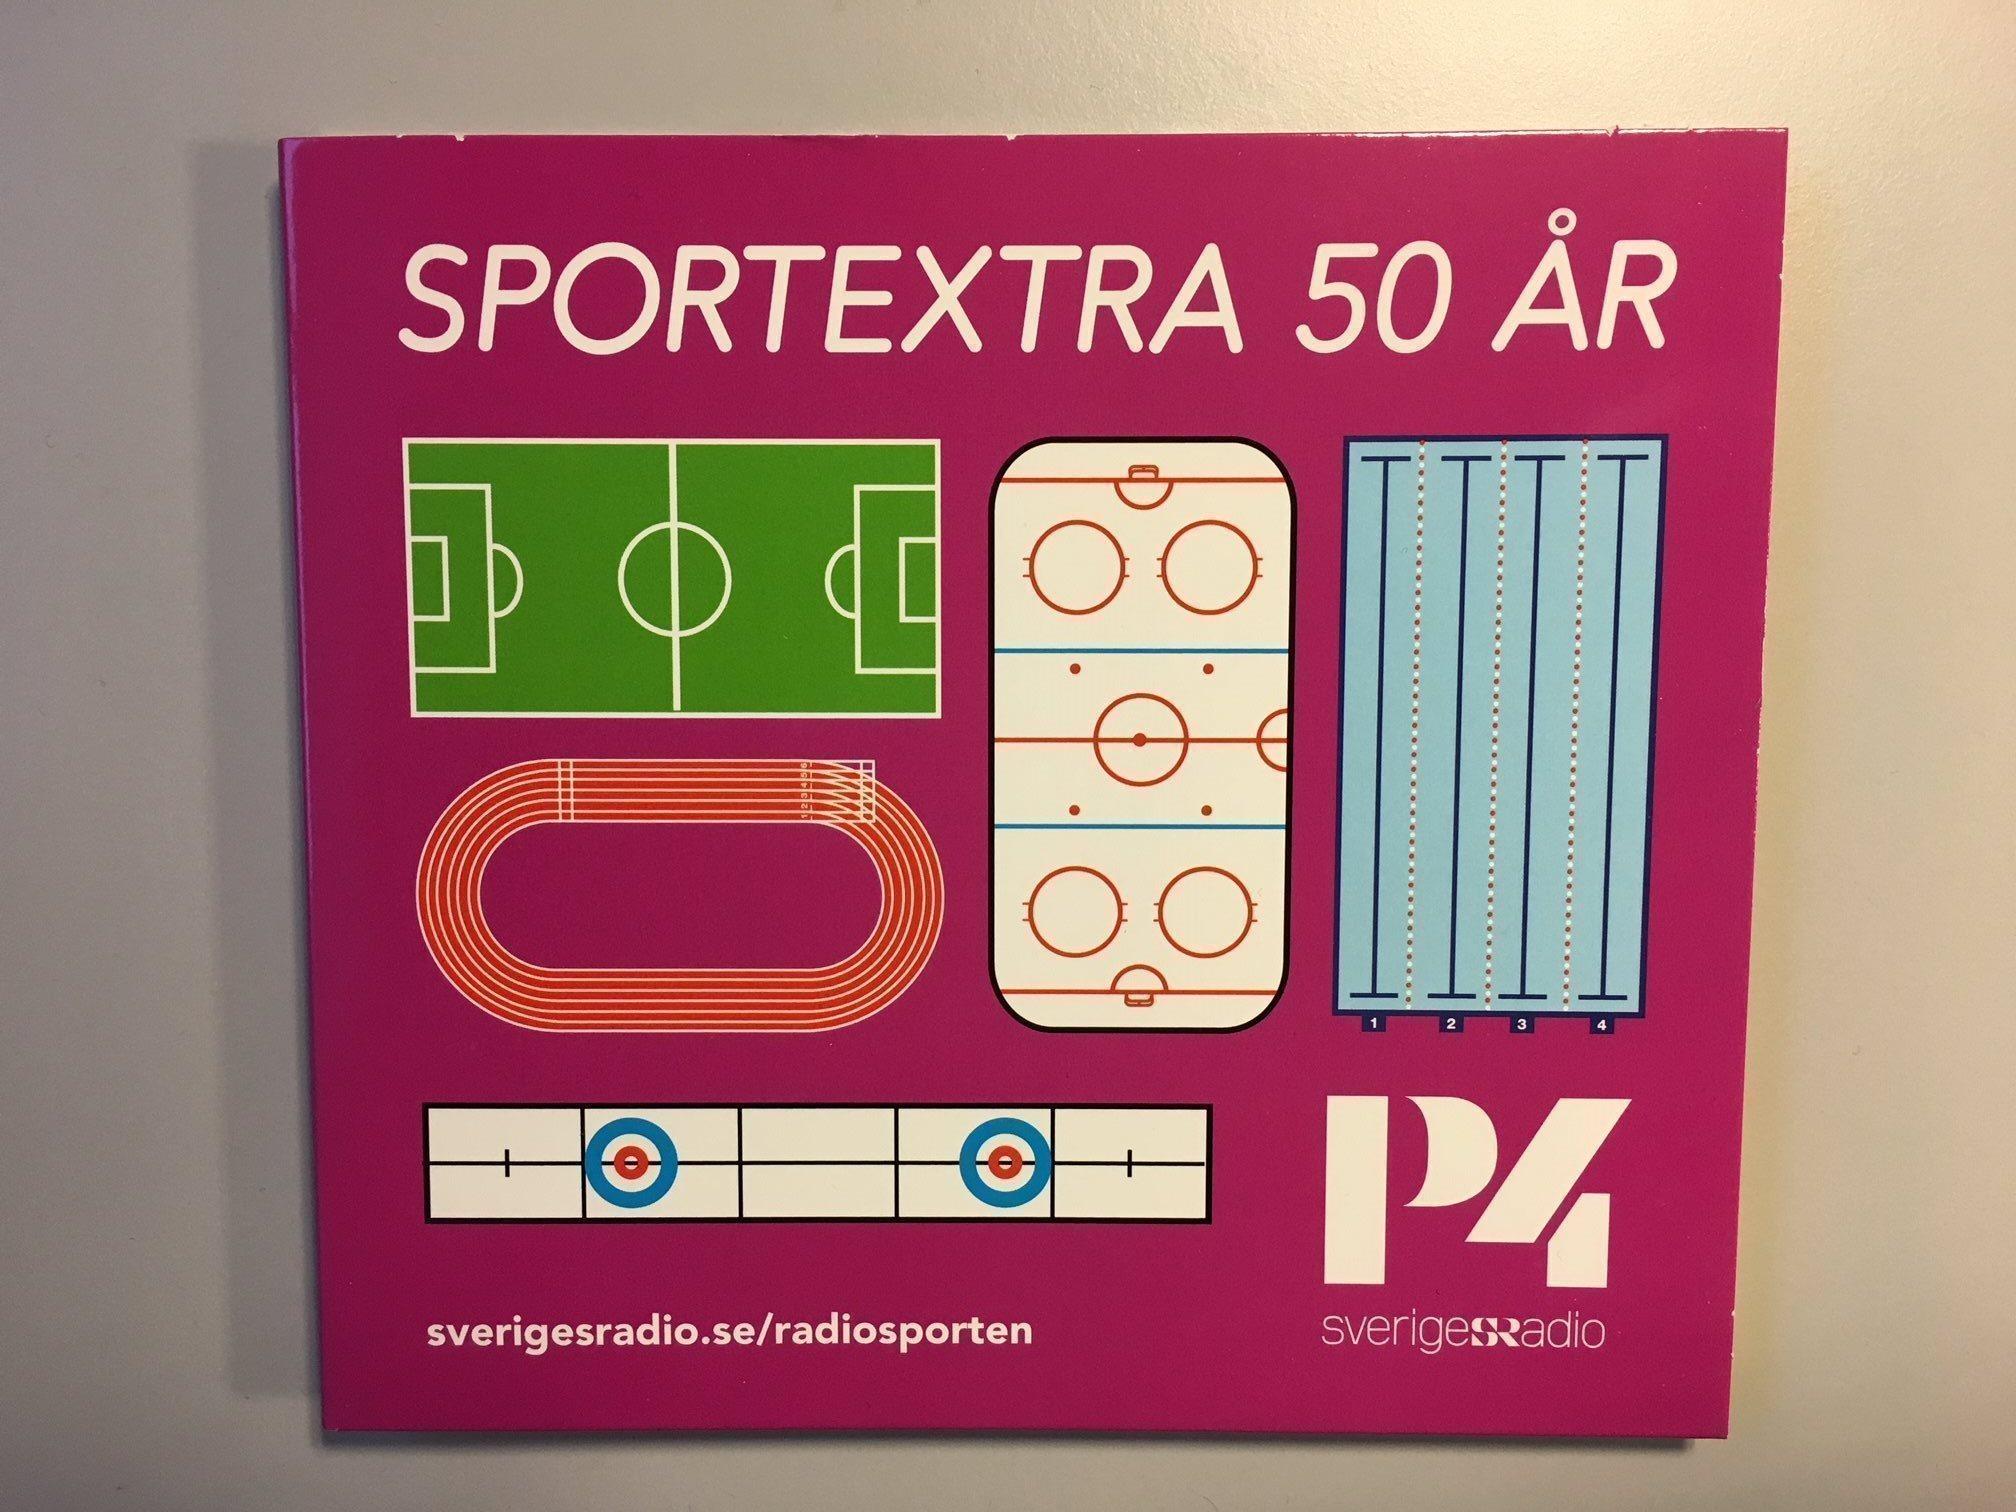 sportextra 50 år Sportextra CD   Radiosporten P4 Sveriges Radio .. (309762739) ᐈ  sportextra 50 år